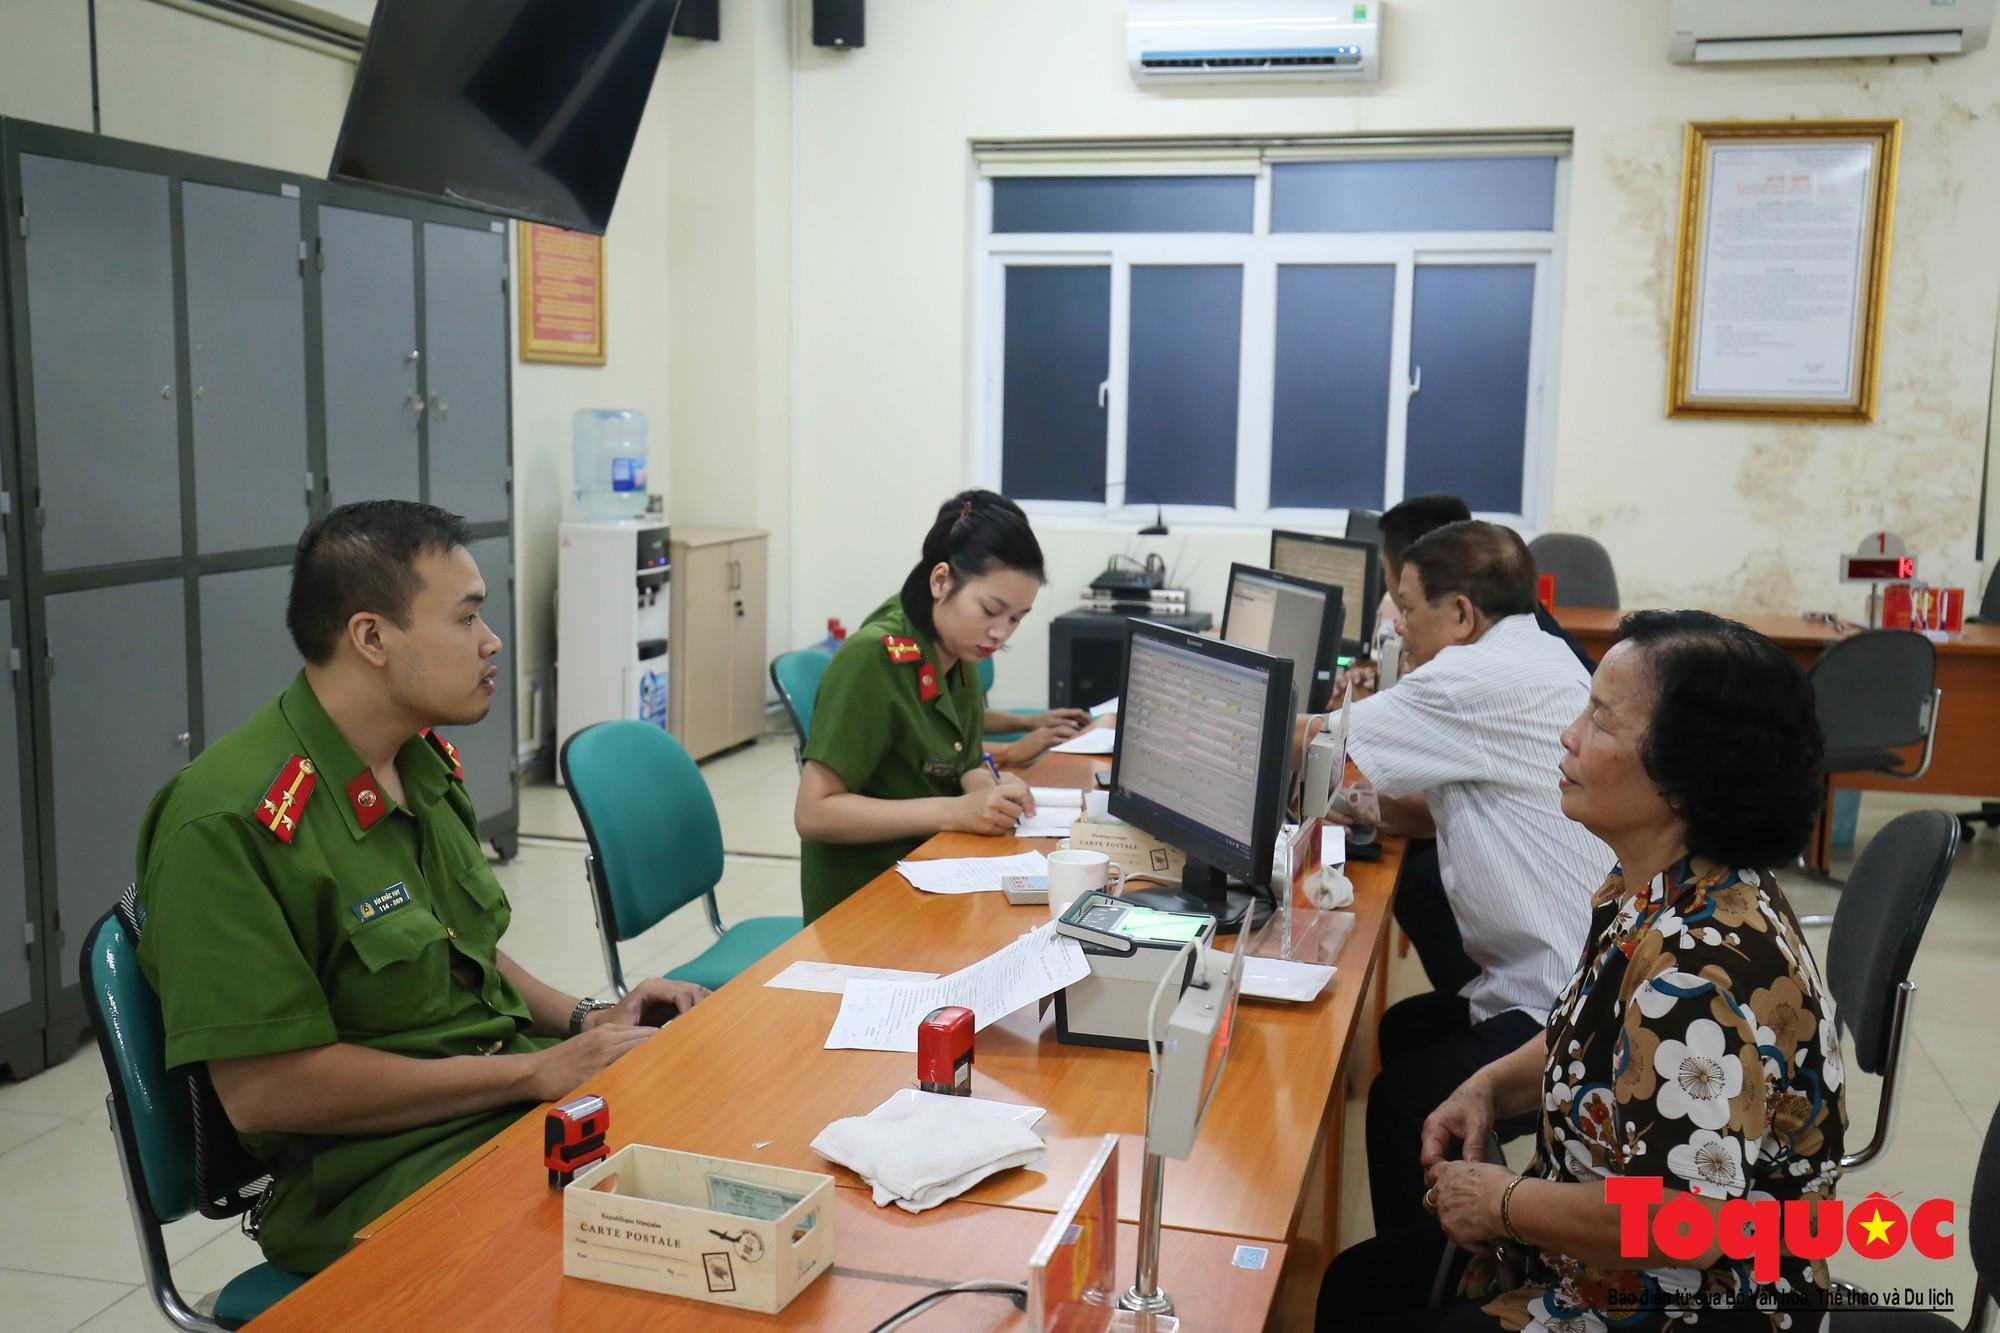 Lực lượng Công an Thủ đô vui tươi, tình nguyện phục vụ nhân dân trong Chủ Nhật (11)